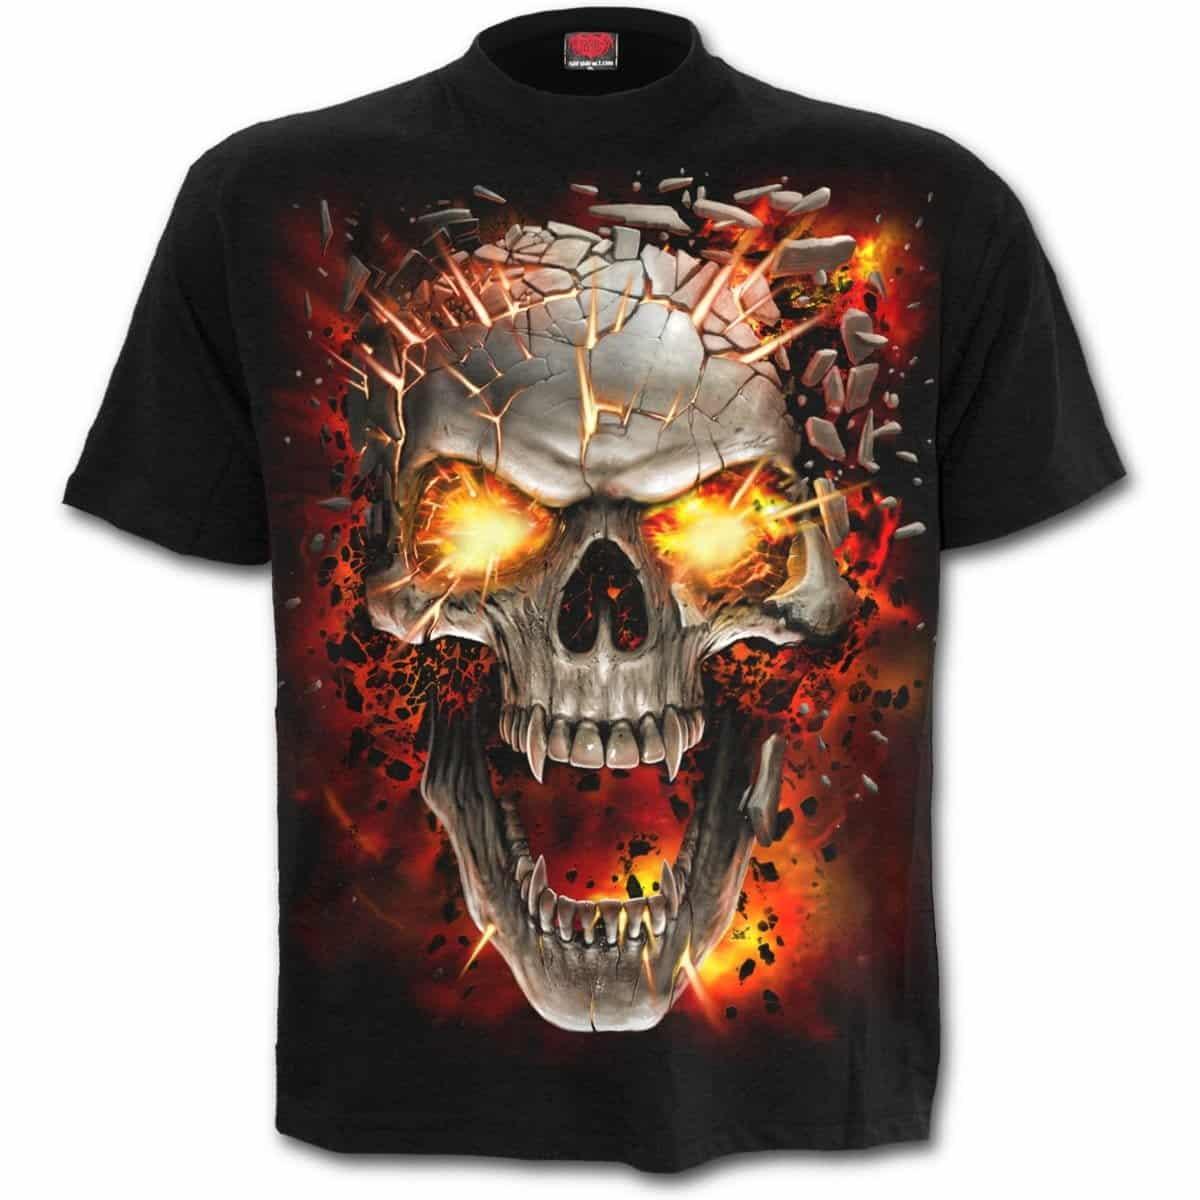 54e1ce95 Skull Blast - svart t-skjorte til barn | RiffRaff.no